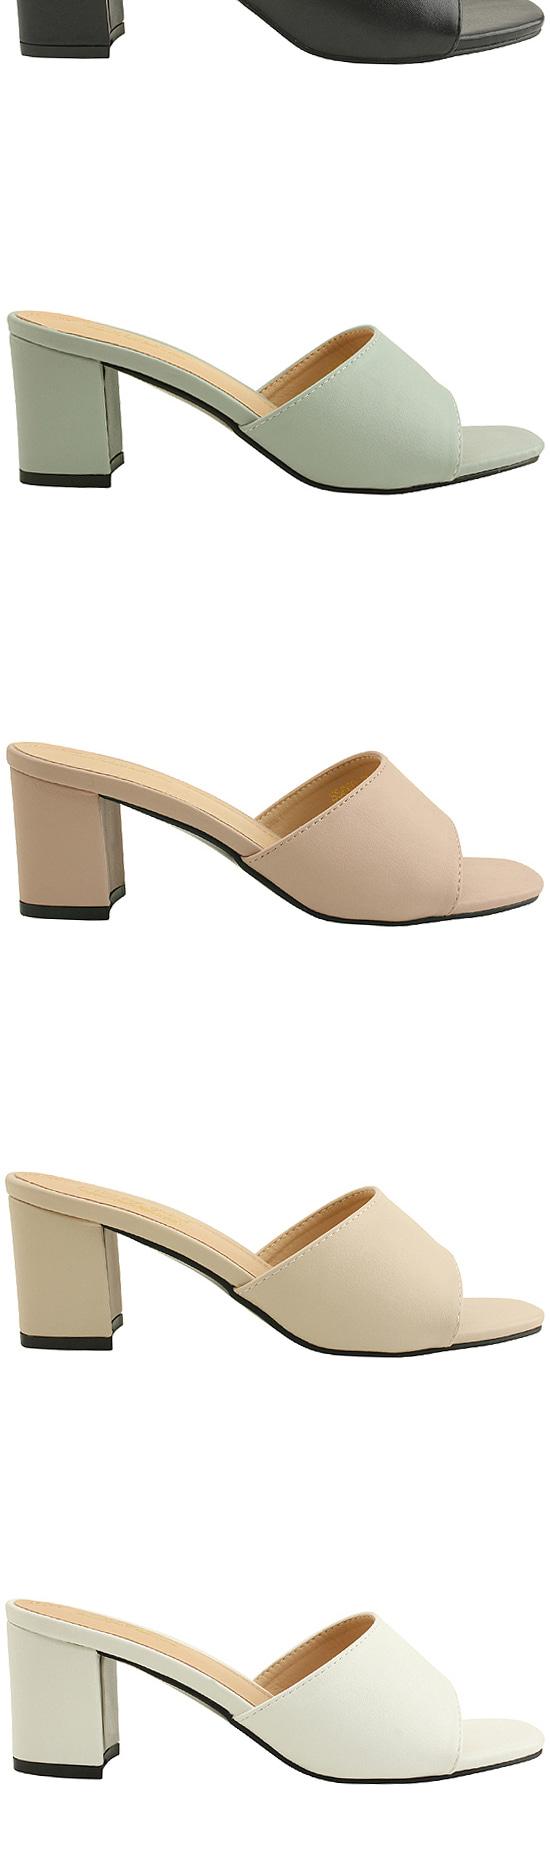 Minimal Middle Heel Mule Slippers 6cm Beige